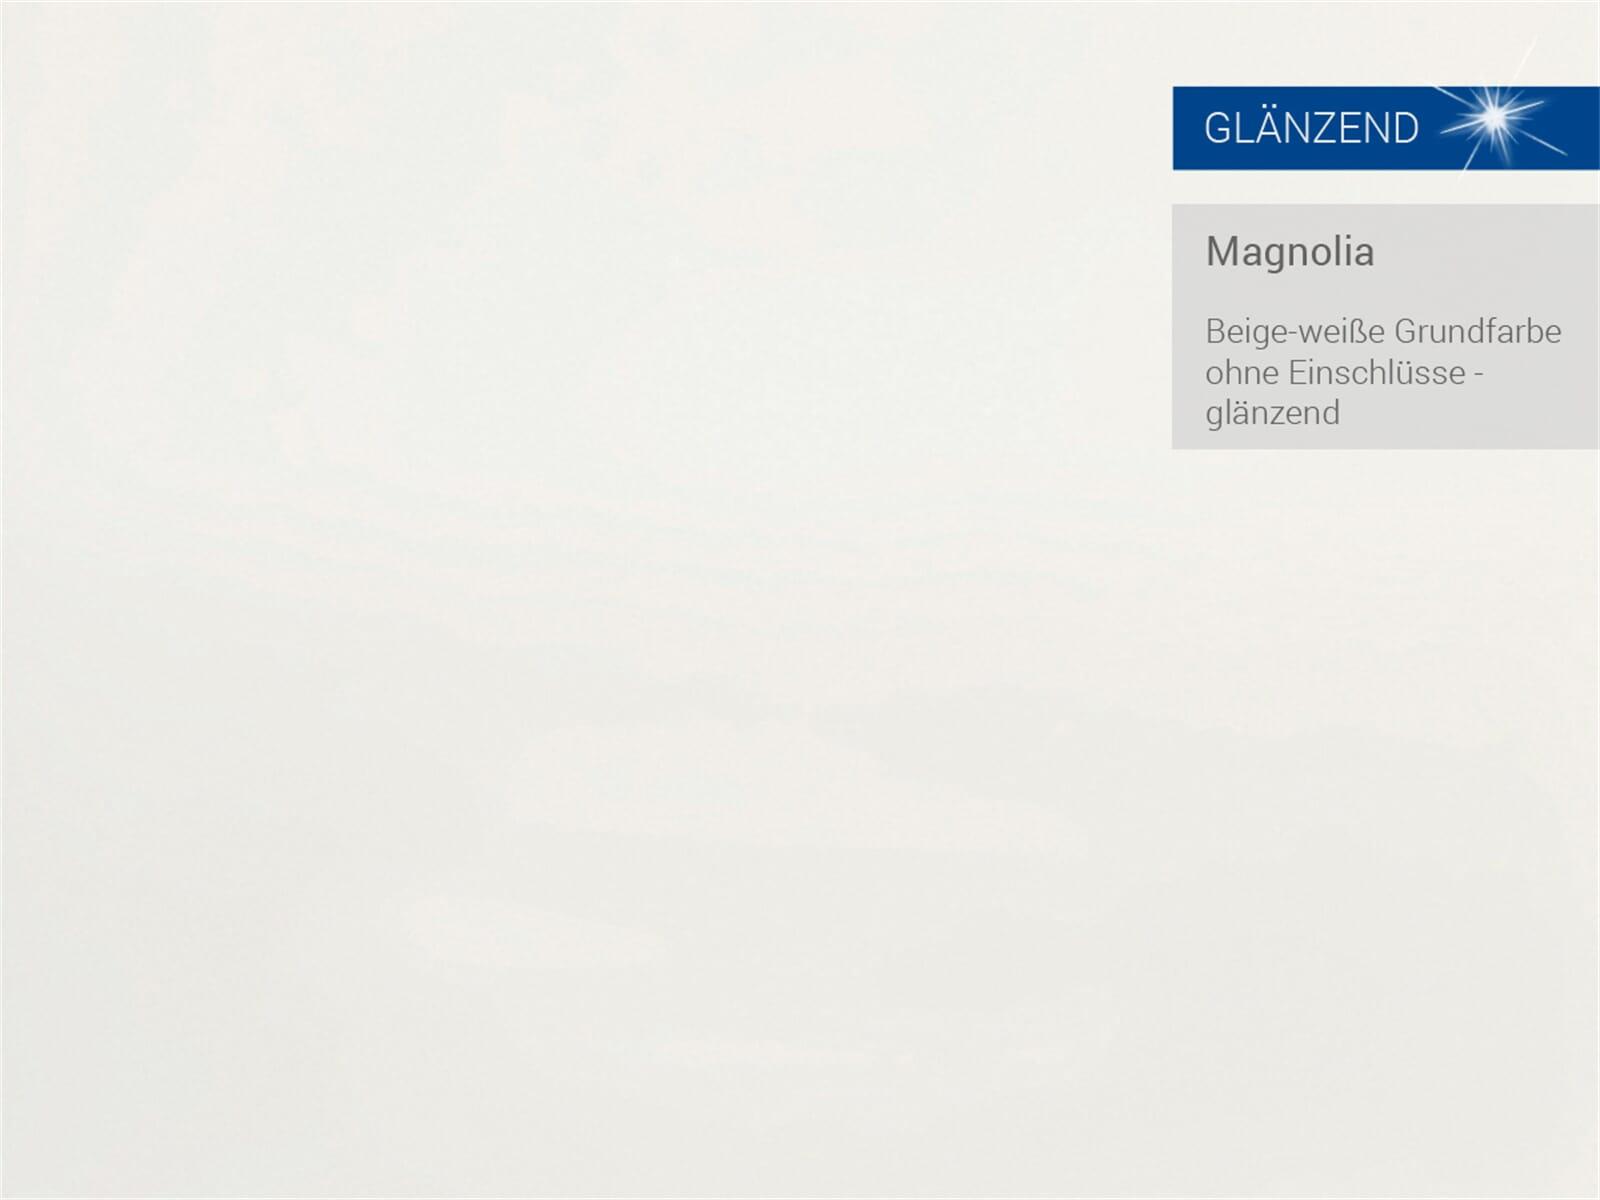 Franke Kubus KBK 160 Magnolia - 126.0335.884 Keramikspüle